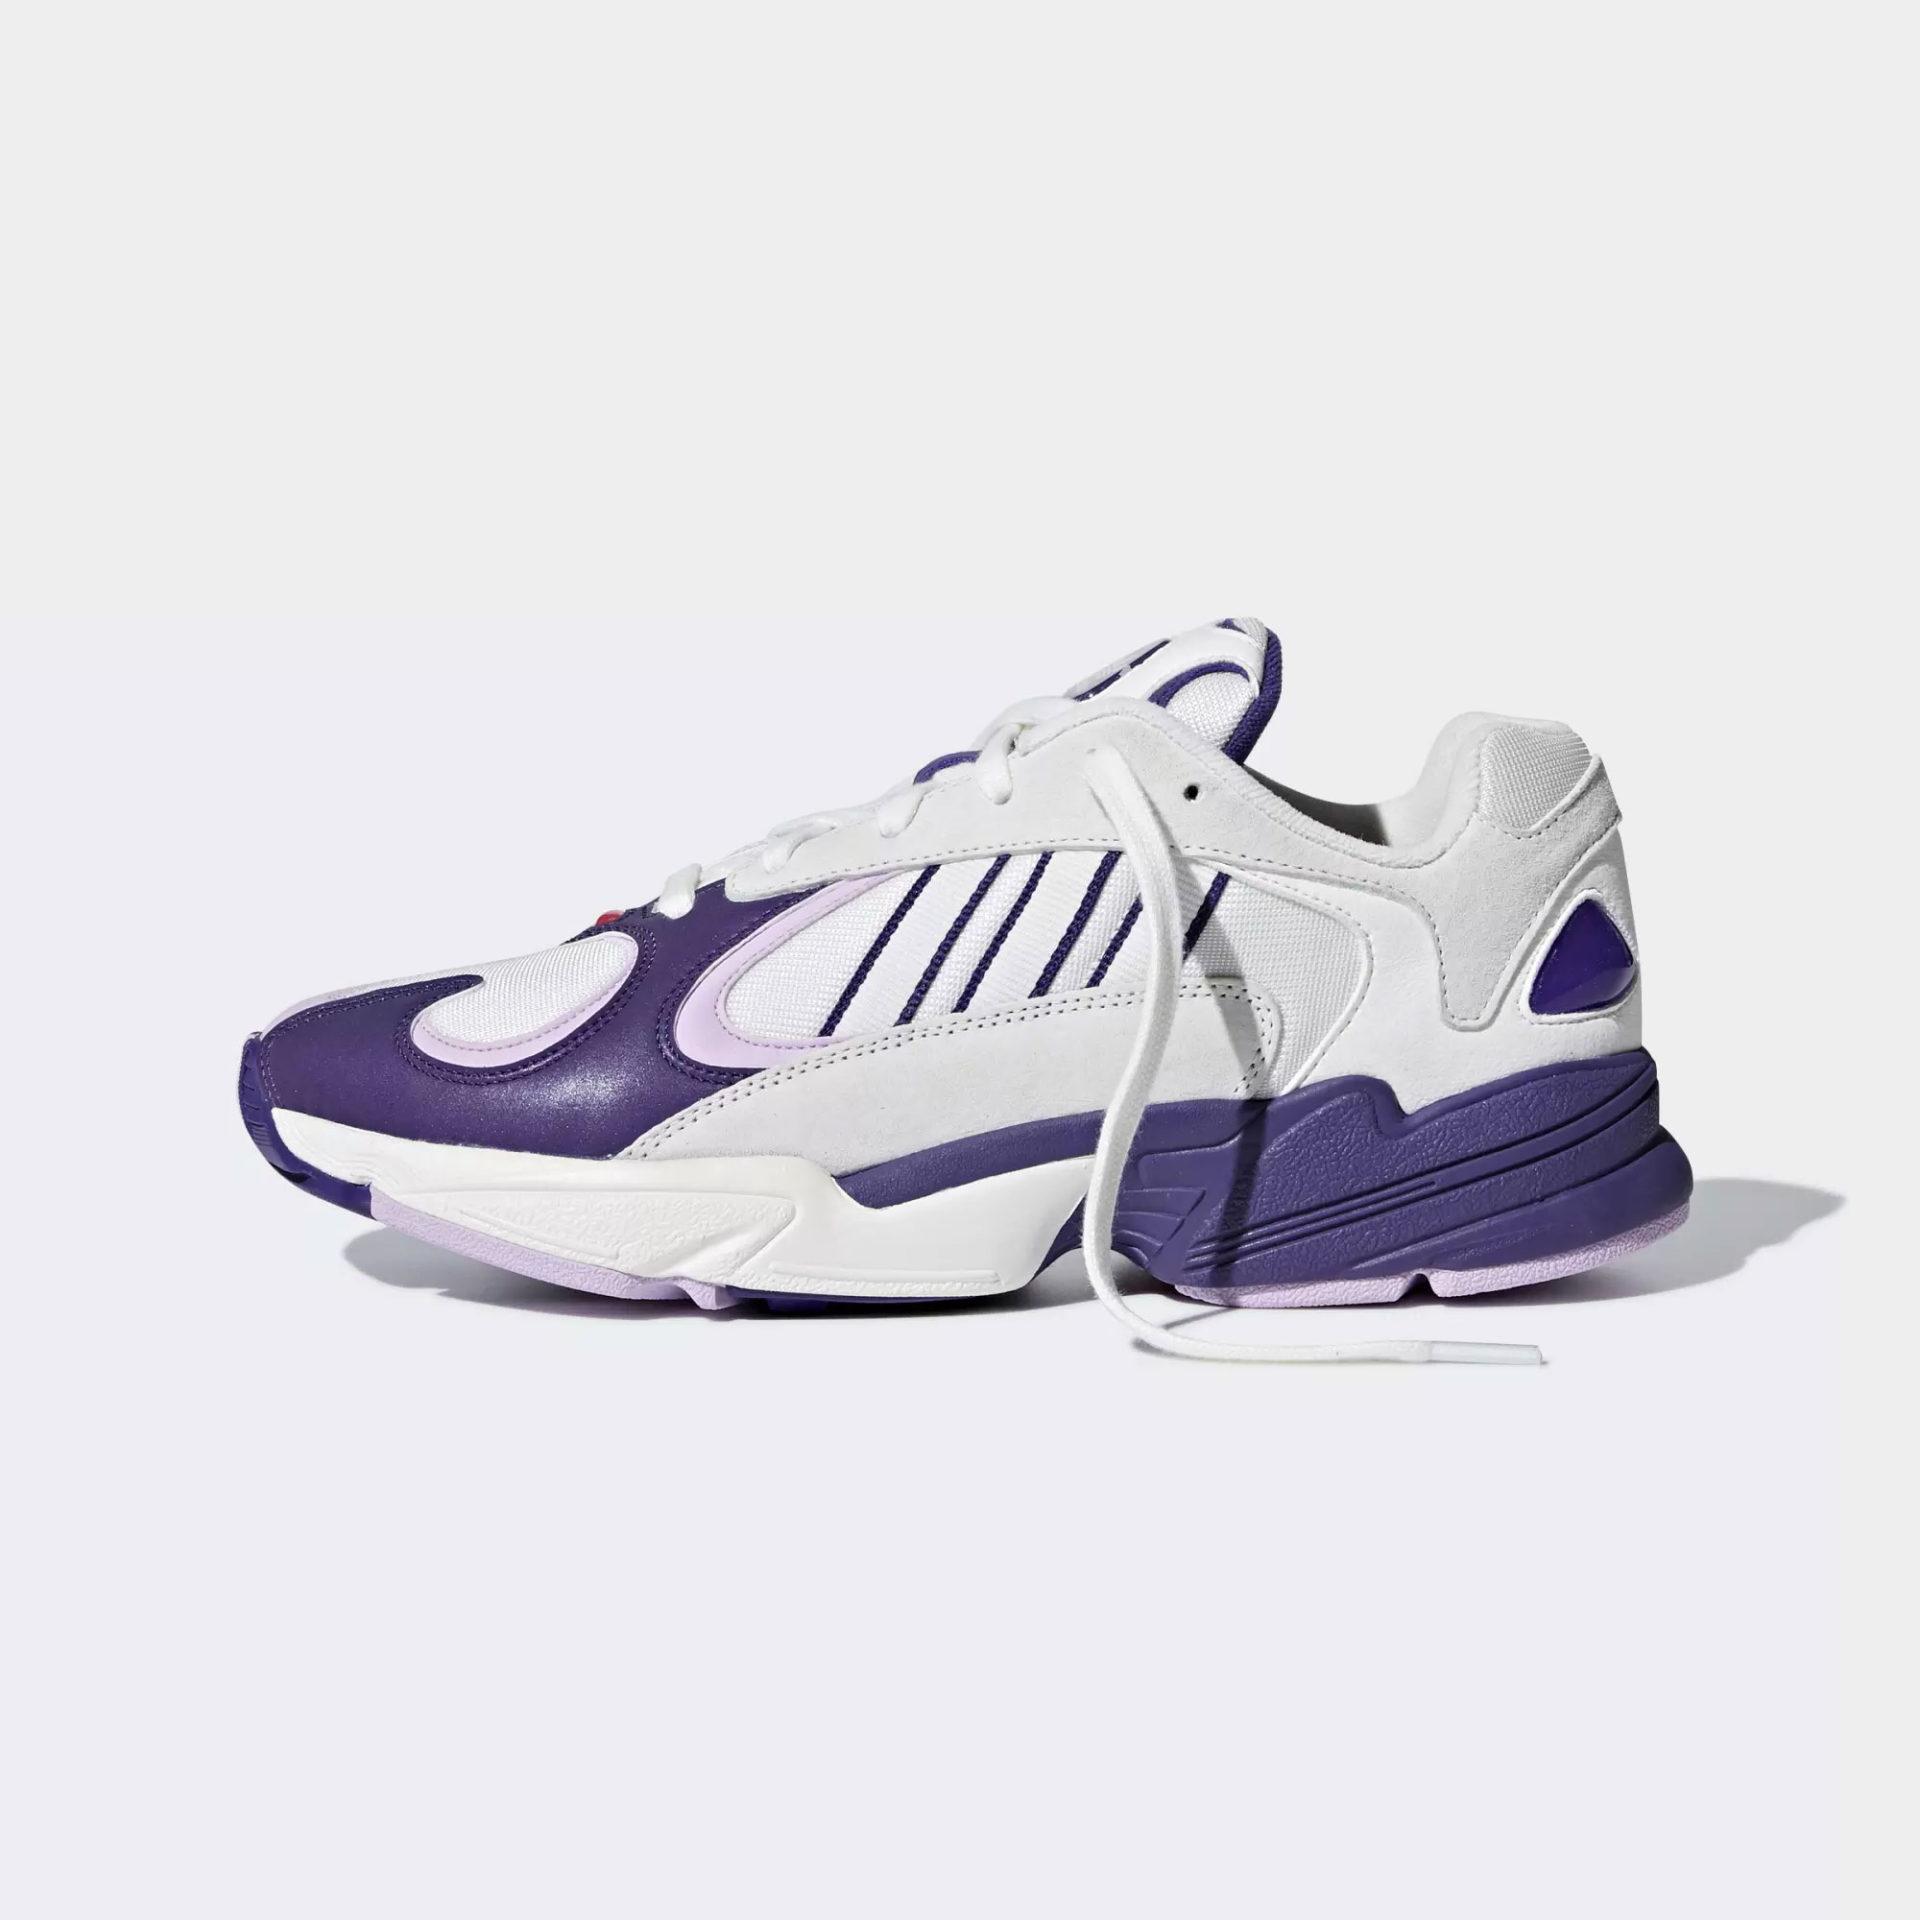 Les premières images des sneakers Adidas X Dragon Ball ont fuité